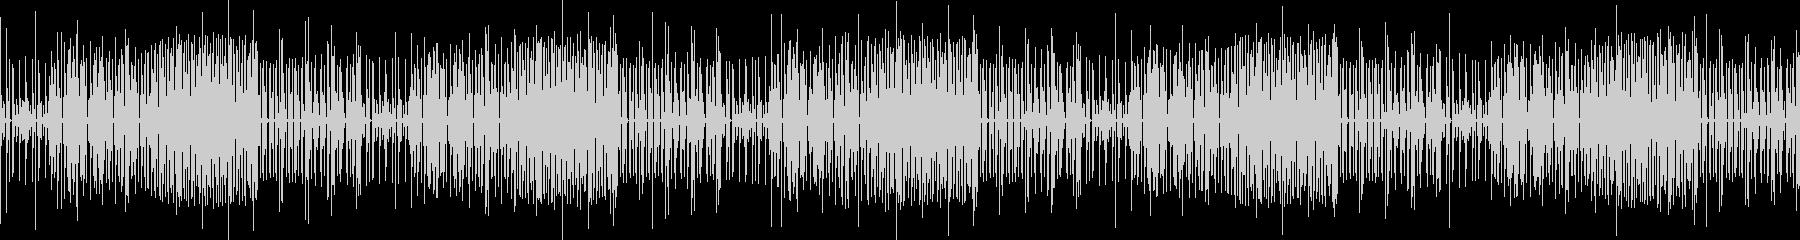 シンセサイザーによる幻想的なBGMの未再生の波形